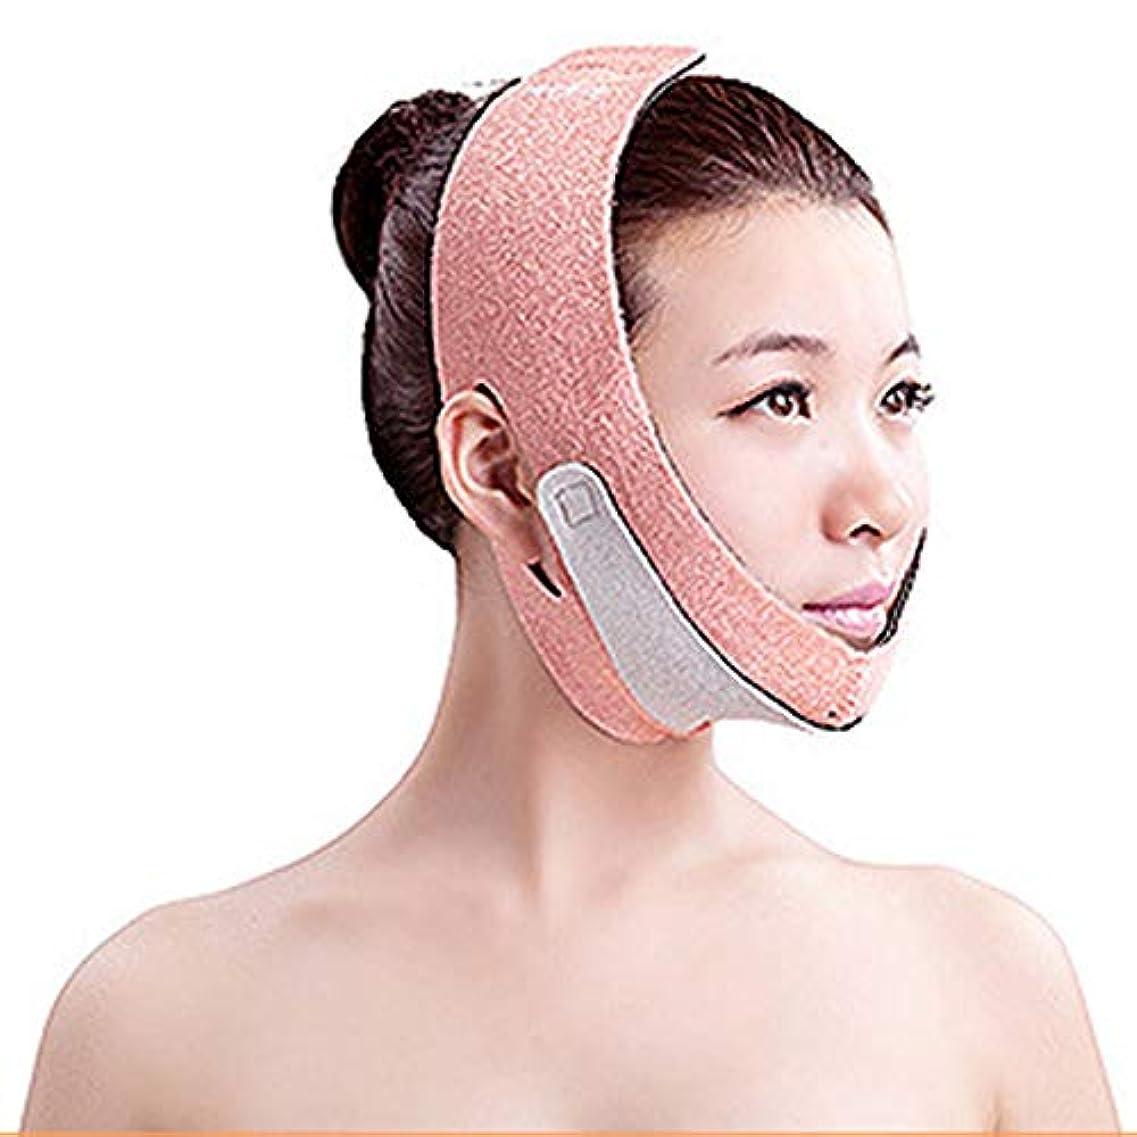 意志アラビア語迷惑V顔の強力な持ち上げツール、修正3D改装リフティング包帯二重あごの女性の抗しわの美しさフェイスリフティングアーティファクト睡眠包帯薄い顔二重あご無料呼吸,Orange